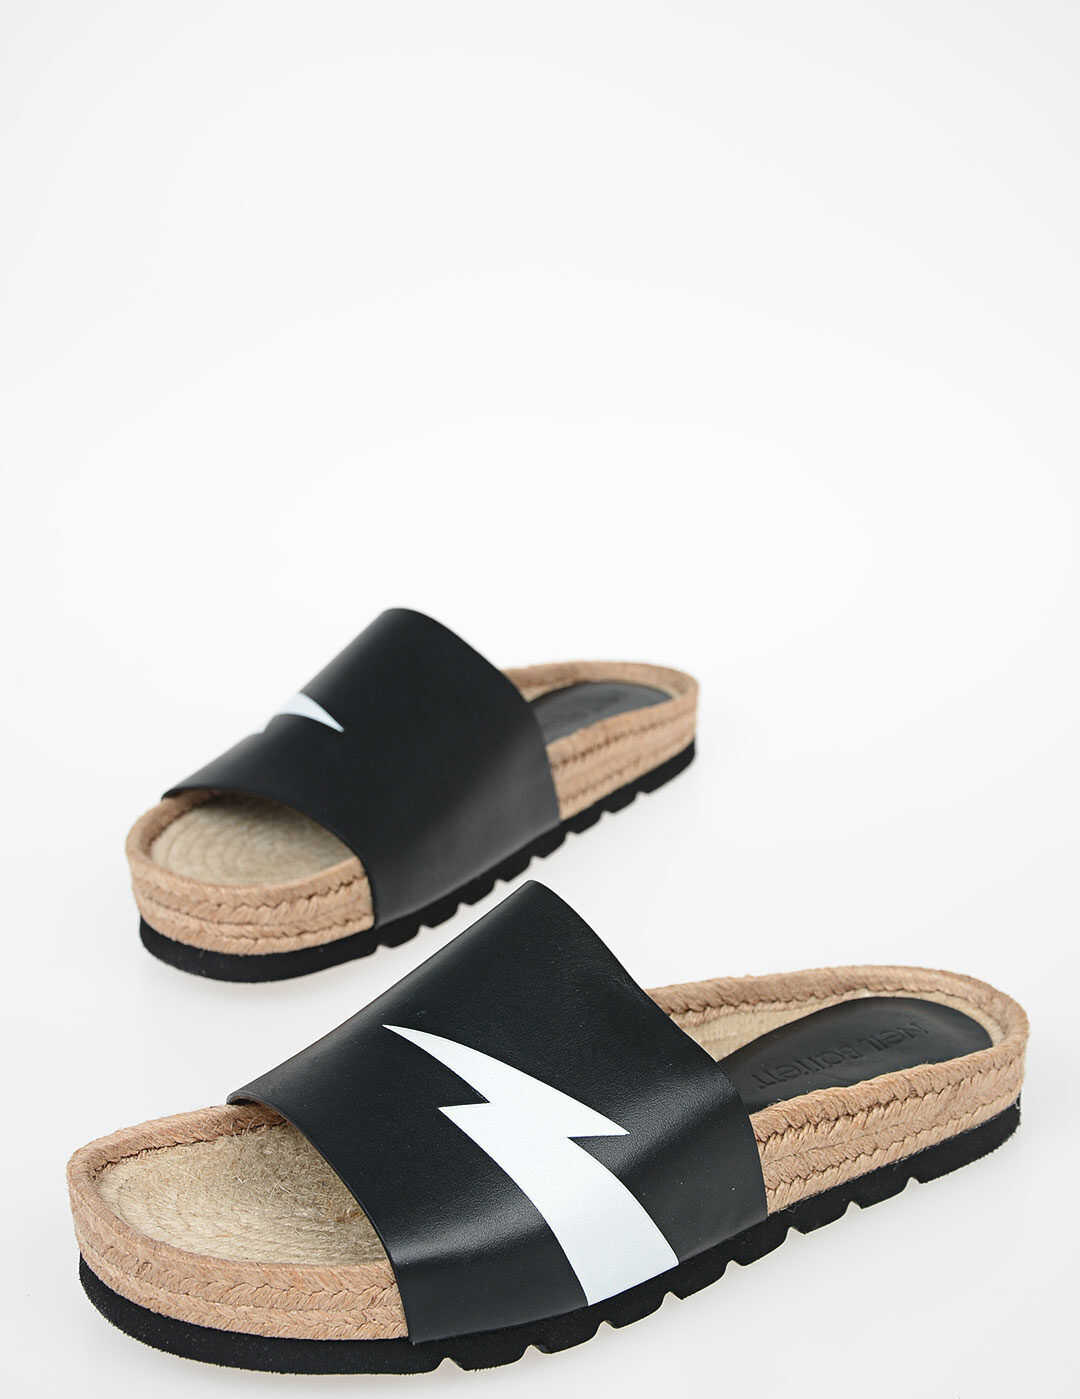 Neil Barrett Thunder Printed Sandals BLACK